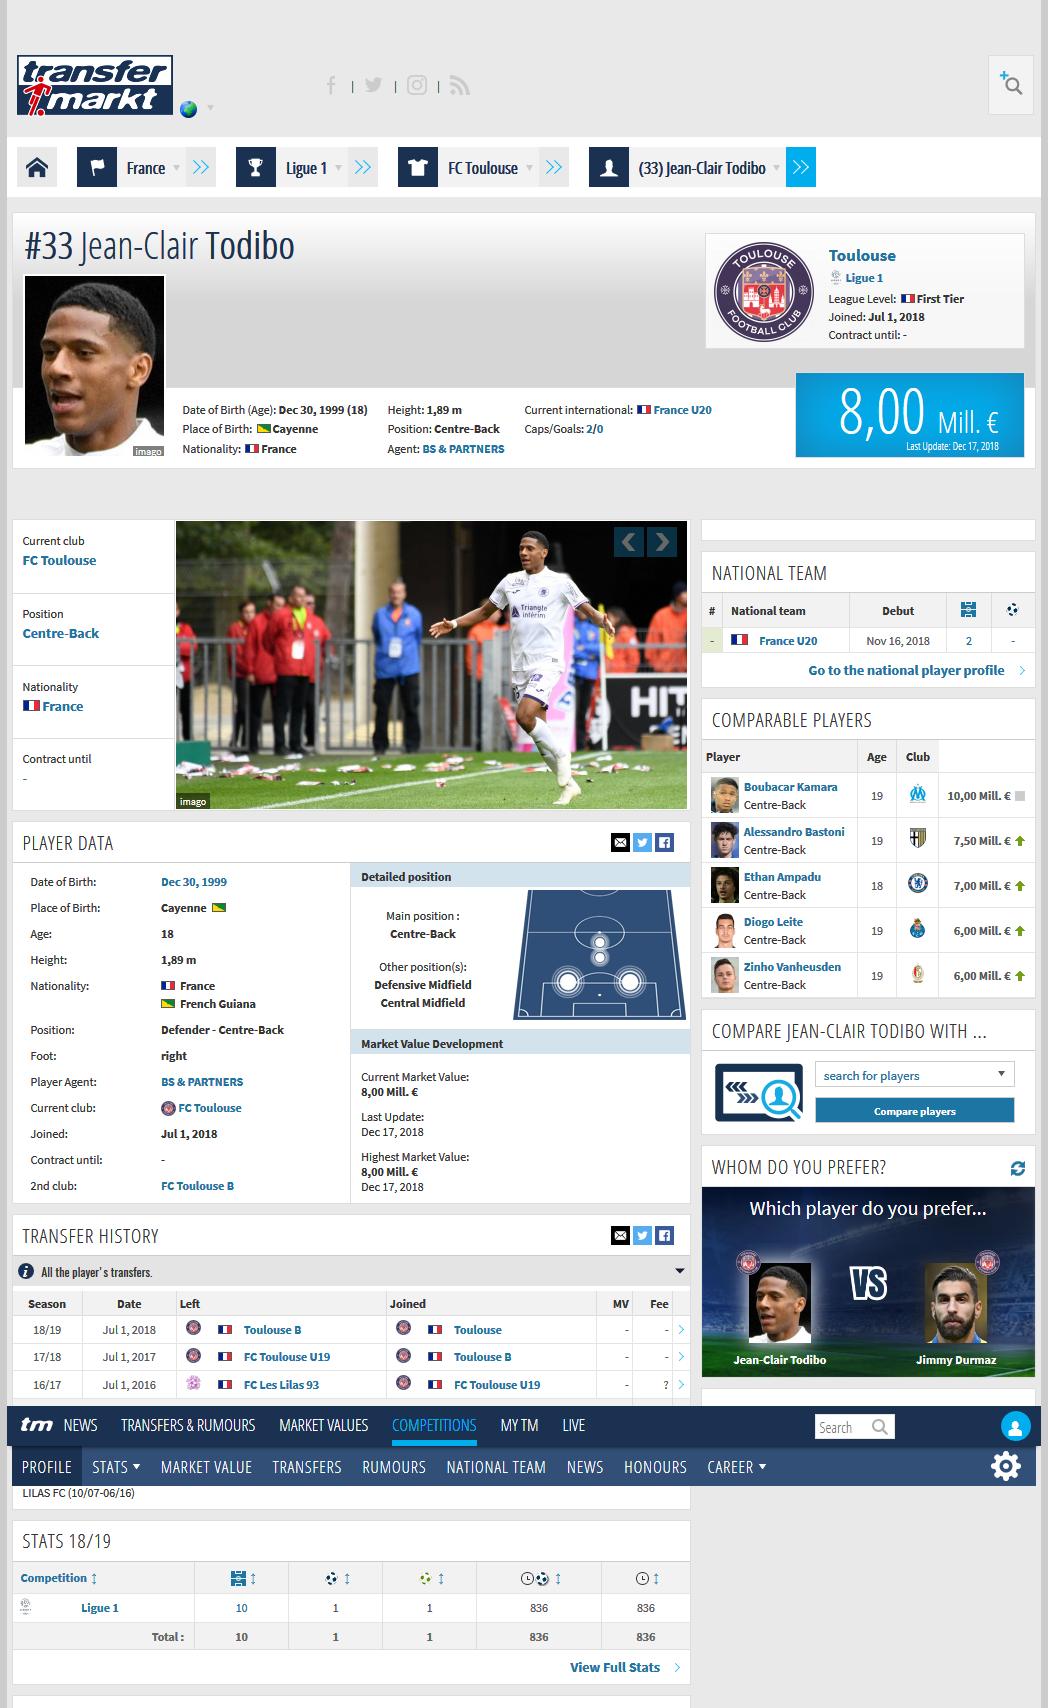 Screenshot-2018-12-28-Jean-Clair-Todibo-Player-Profile-18-19.png